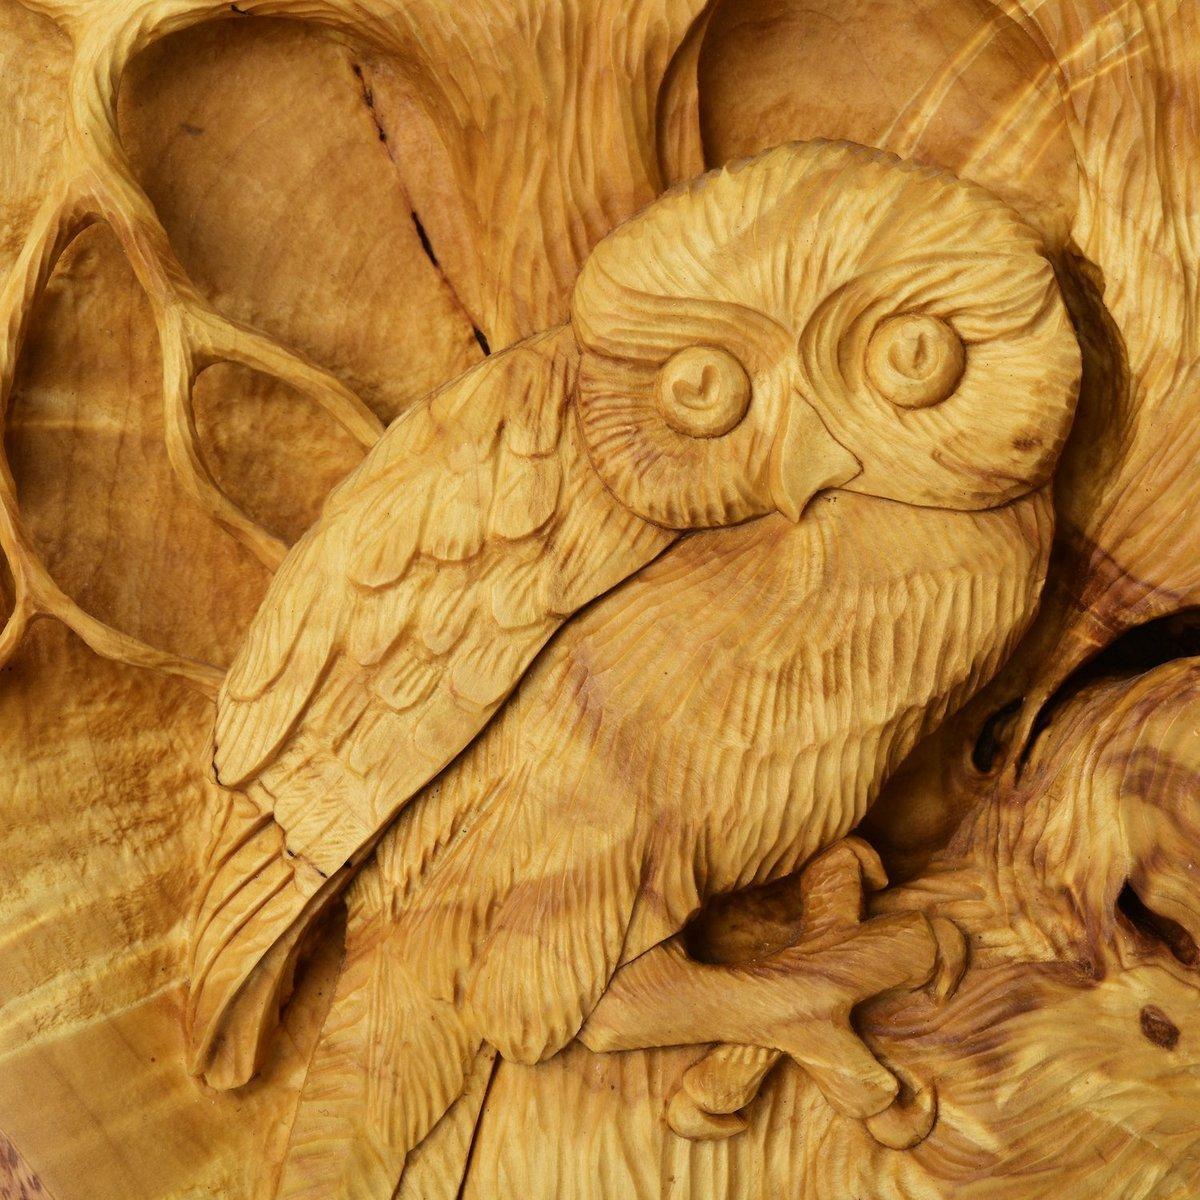 выбранная картинки к теме резьба по дереву можете